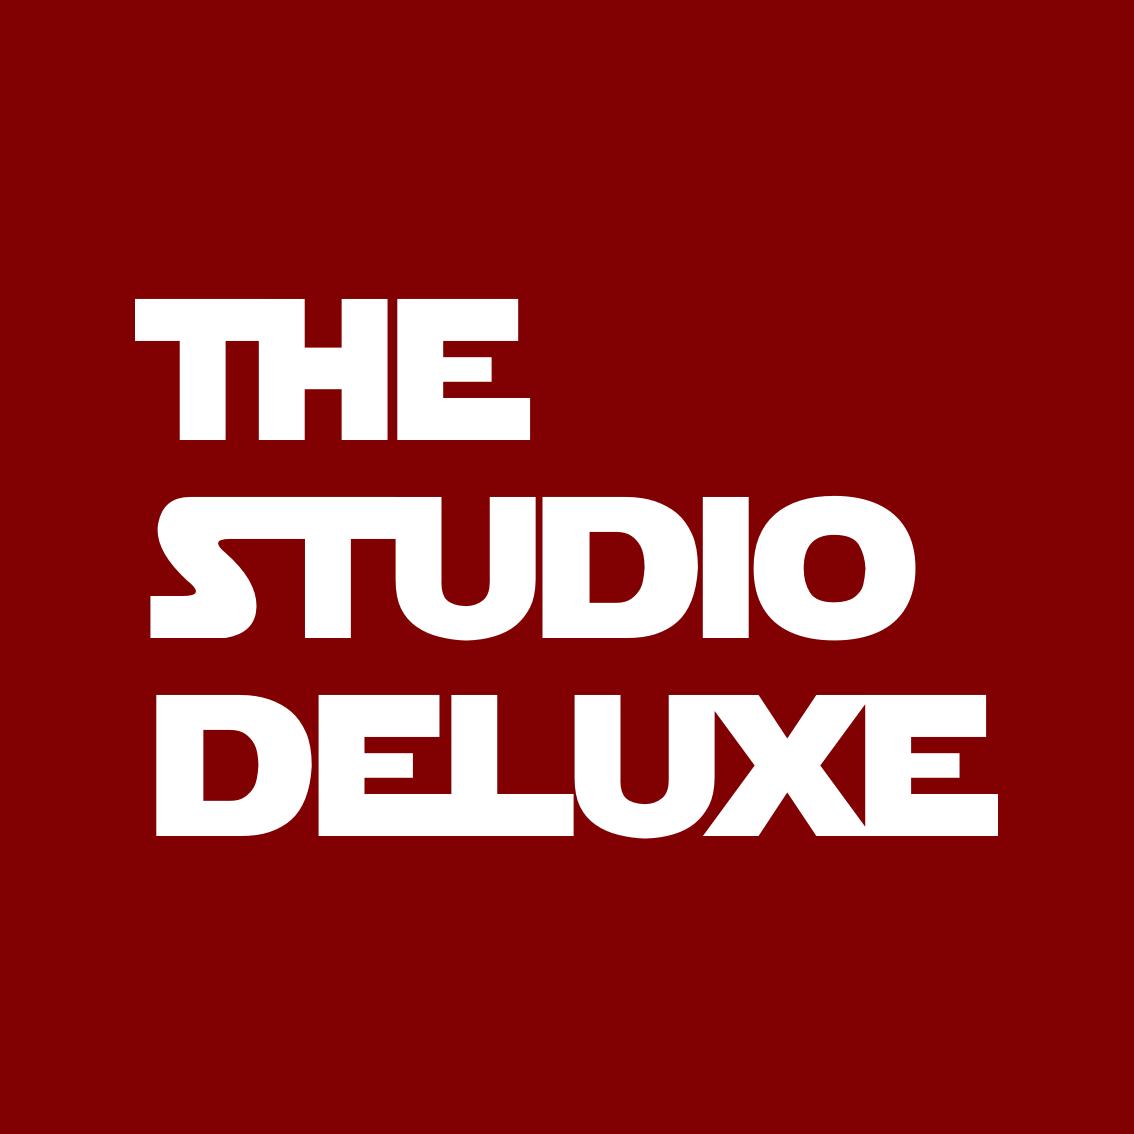 10% Gutscheincode auf The-Studio-Deluxe.de